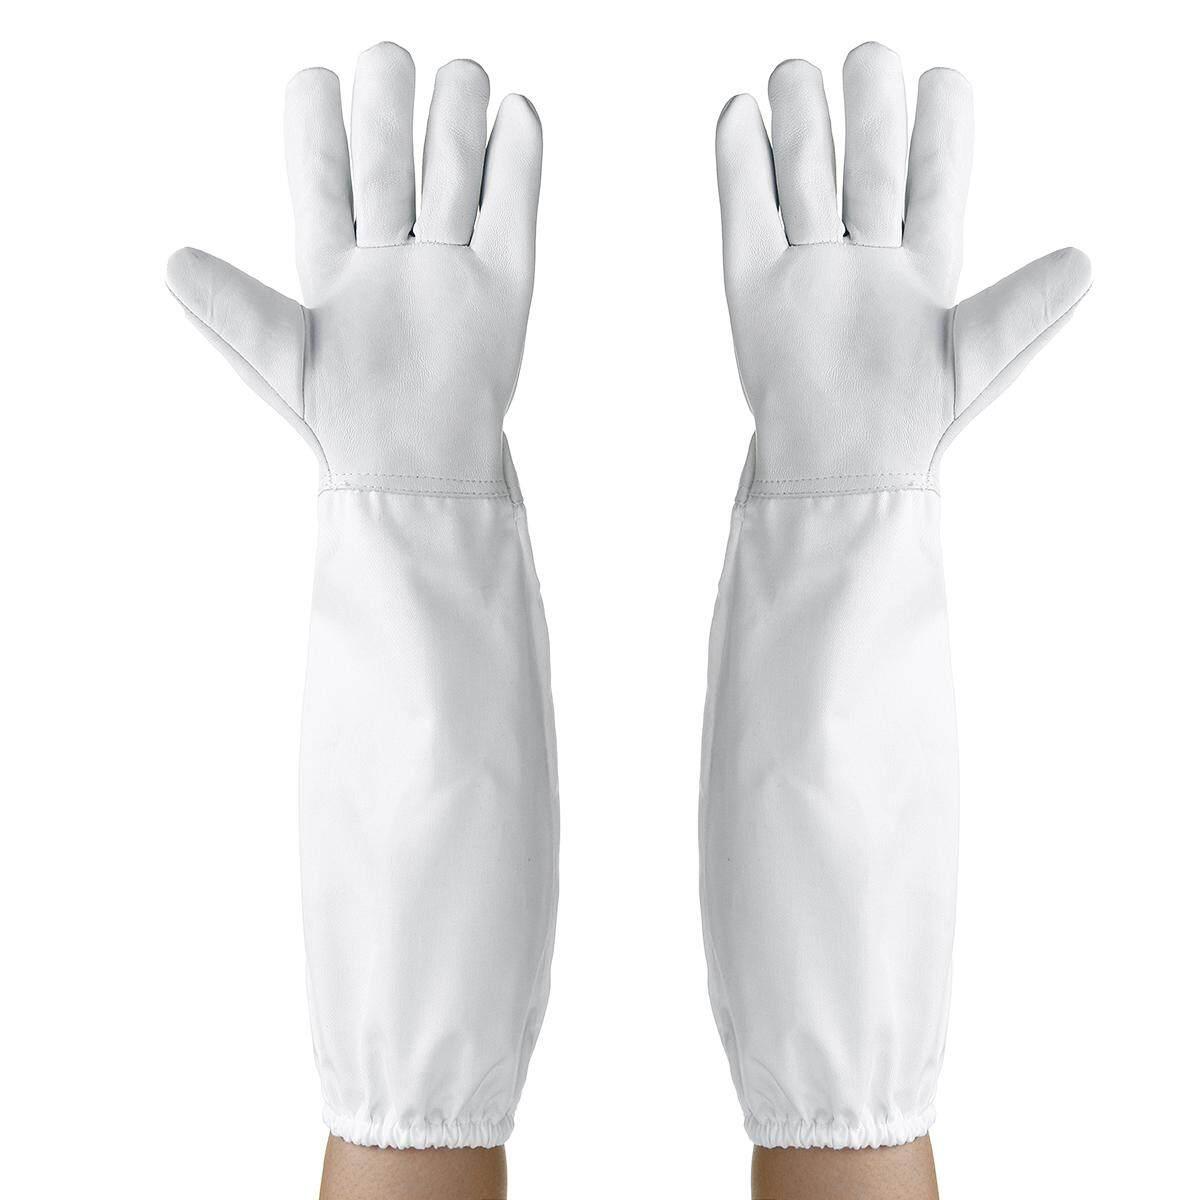 1Pair Protective Vented Long Sleeves Goatskin Bee Keeping Tool Beekeeping Gloves - intl